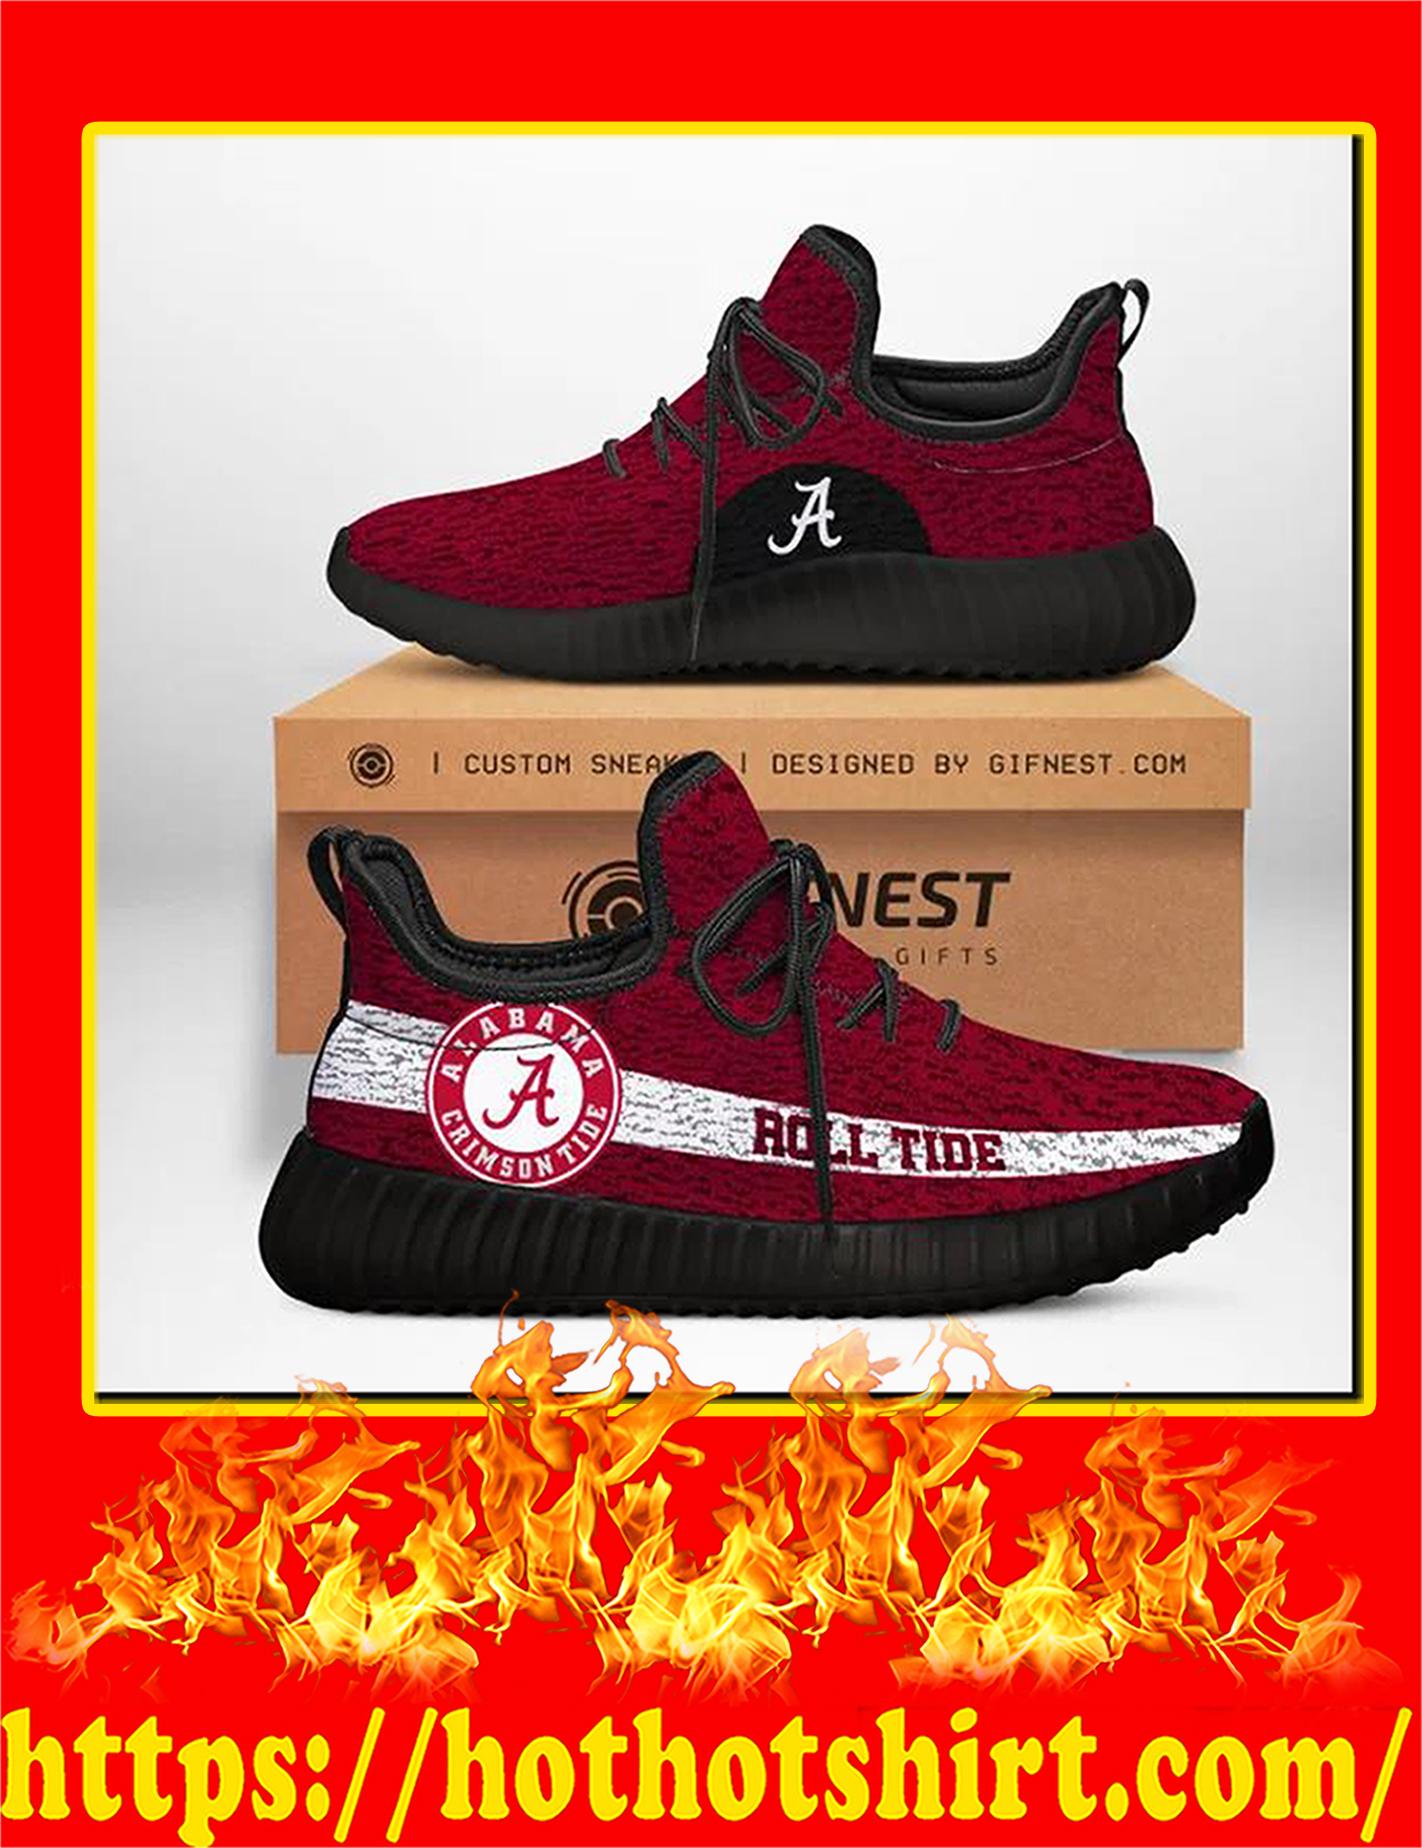 Alabama Crimson Tide Rool Tide NCAA Yeezy Sneaker - Woman